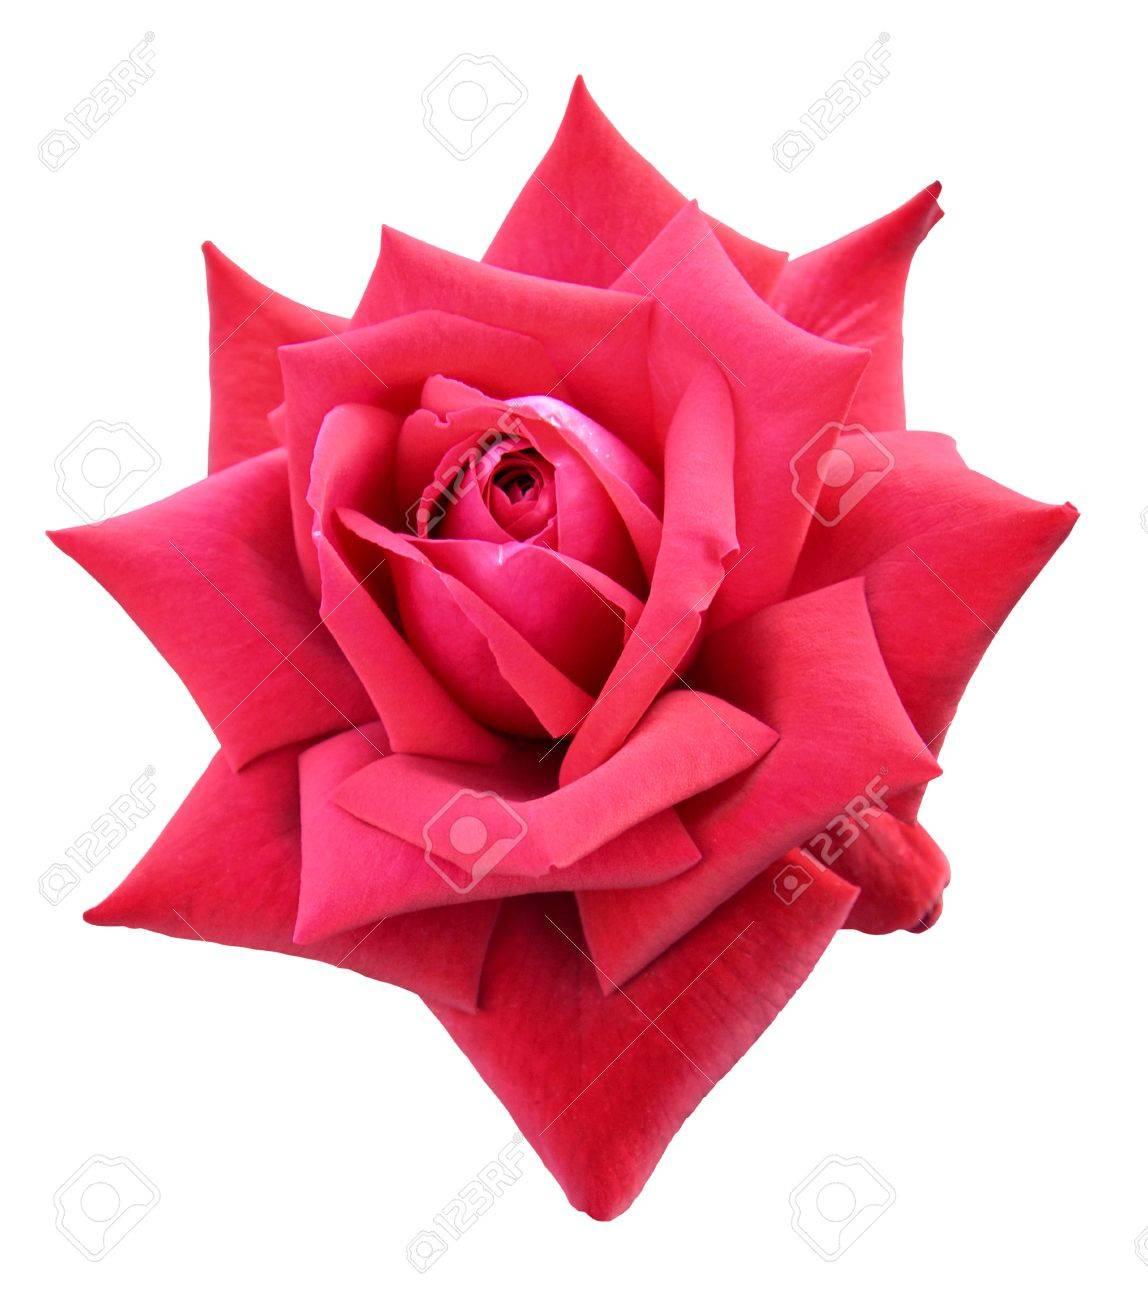 Dispo sur FIGHTCADE - Page 7 14376704-big-bouton-de-rose-rose-rouge-isol%C3%A9-sur-fond-blanc